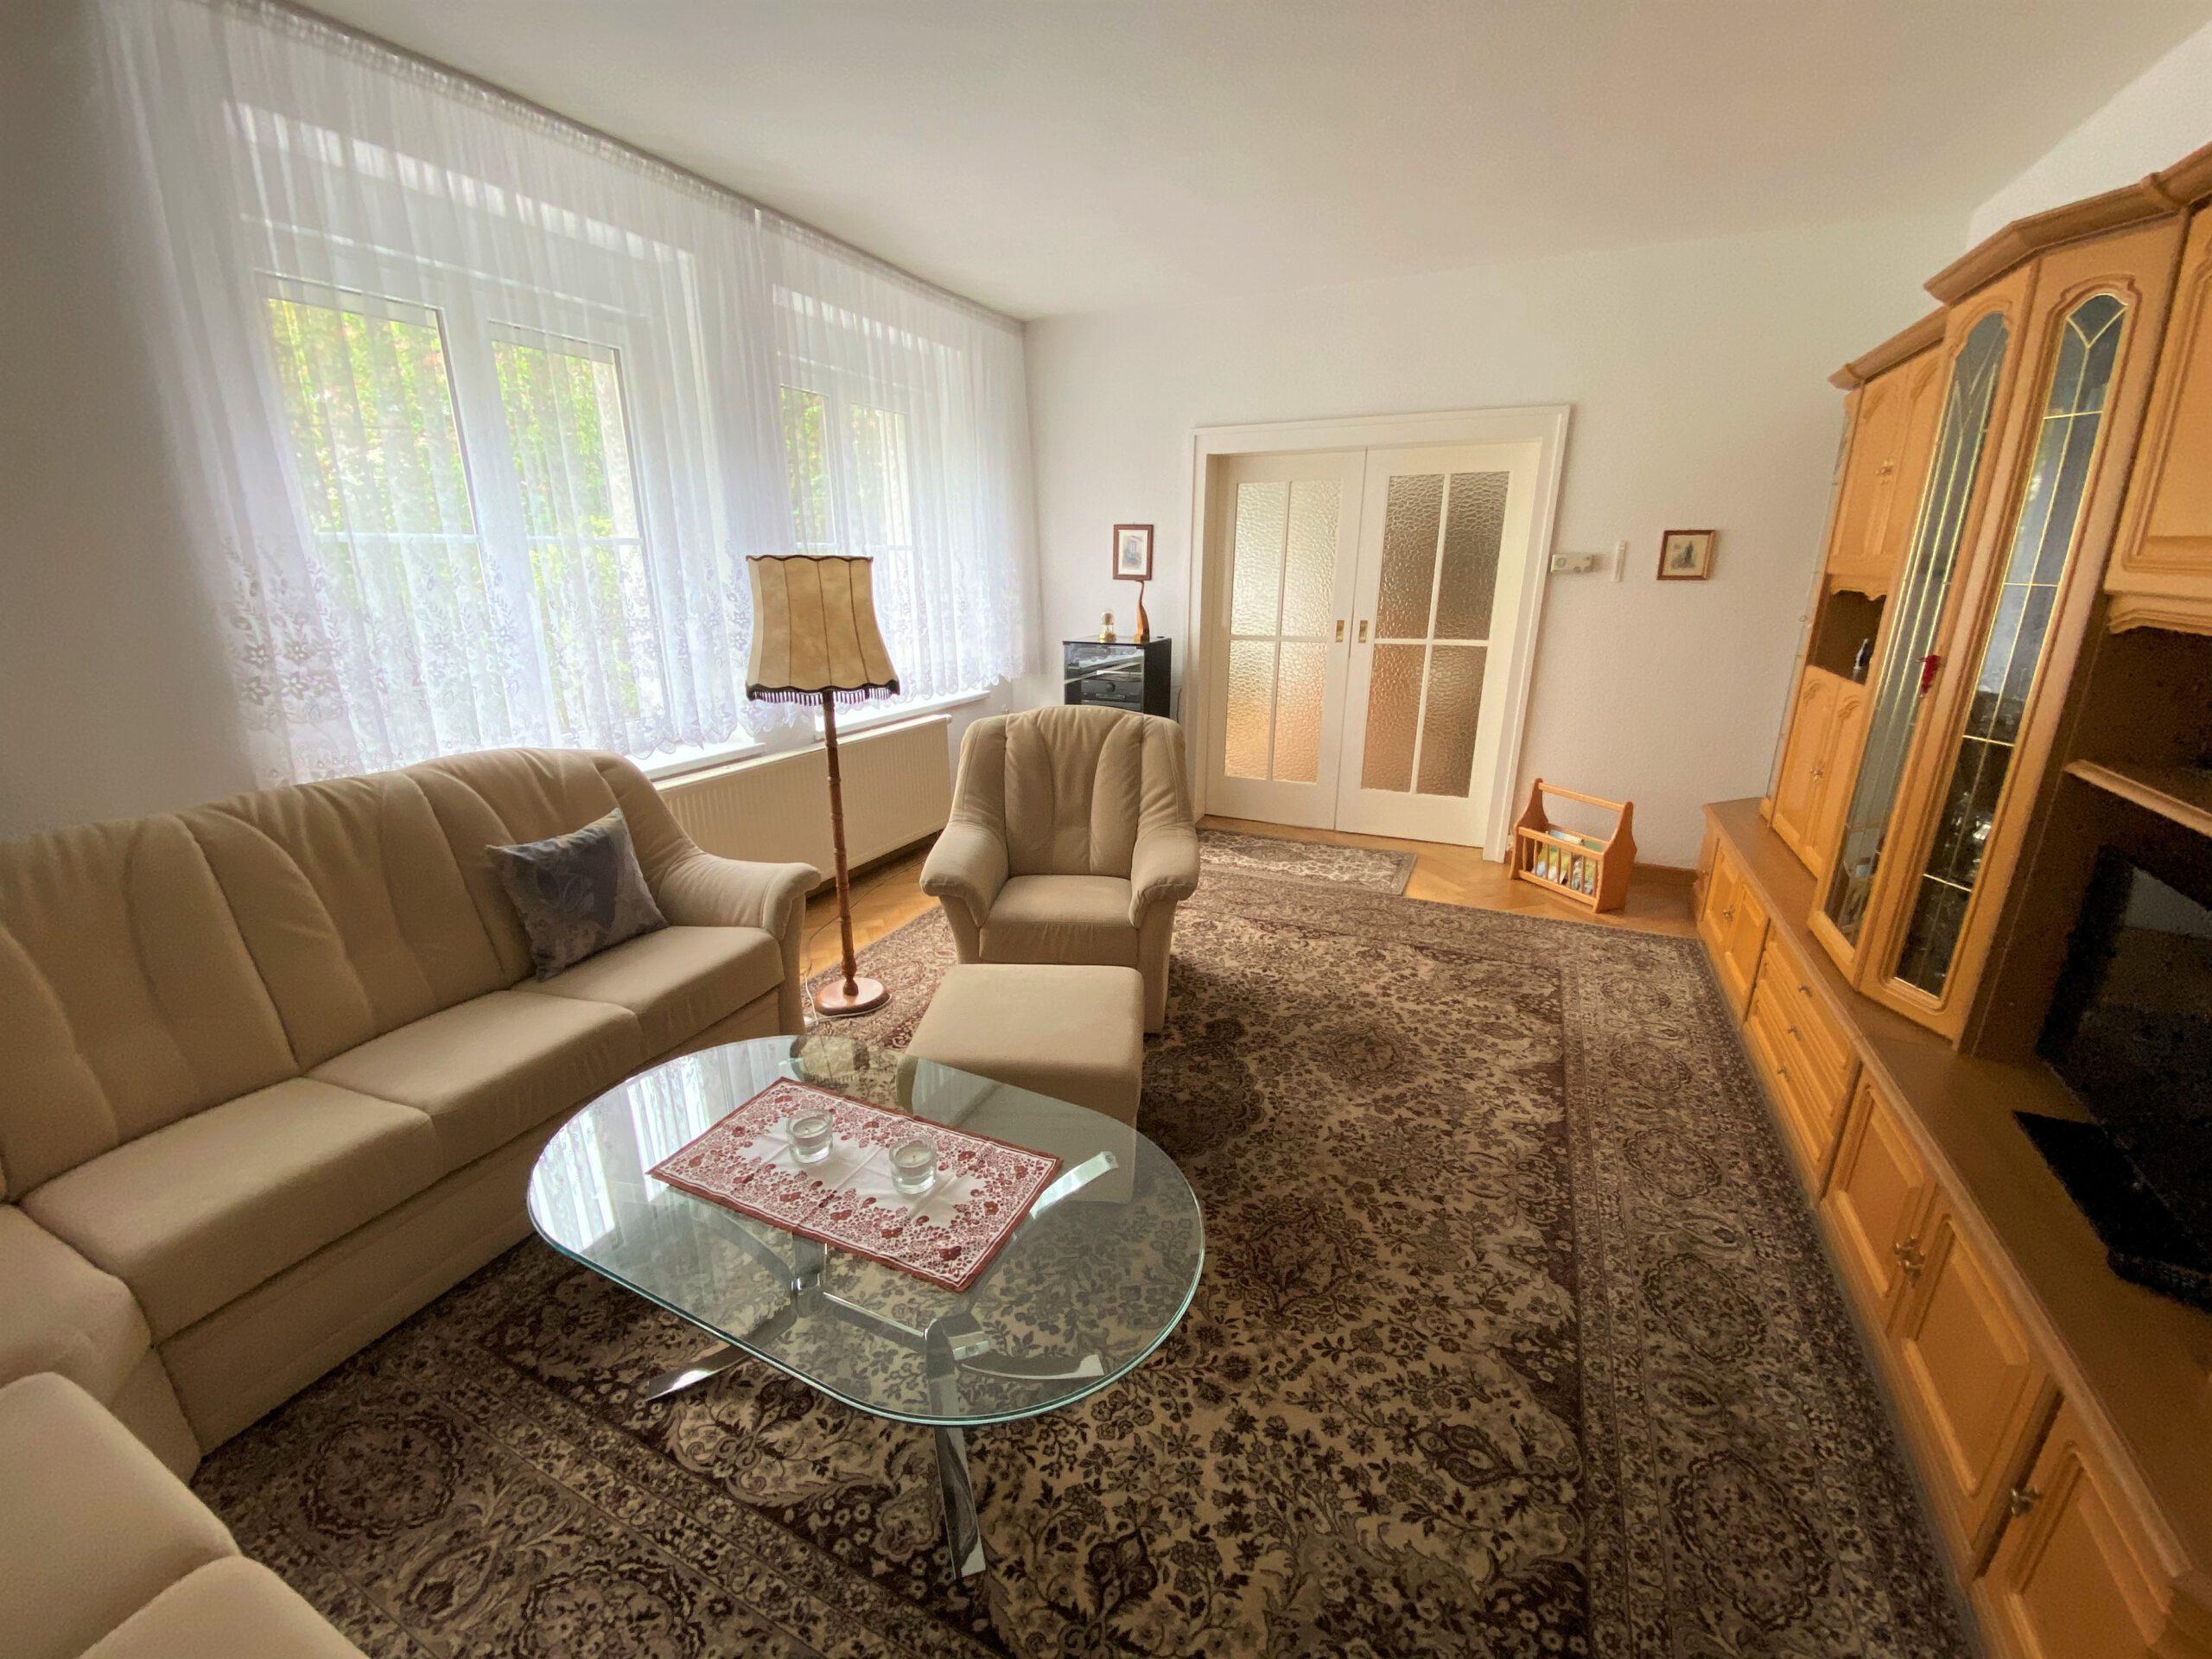 Einfamilienhaus in Leuna - Wohnzimmer